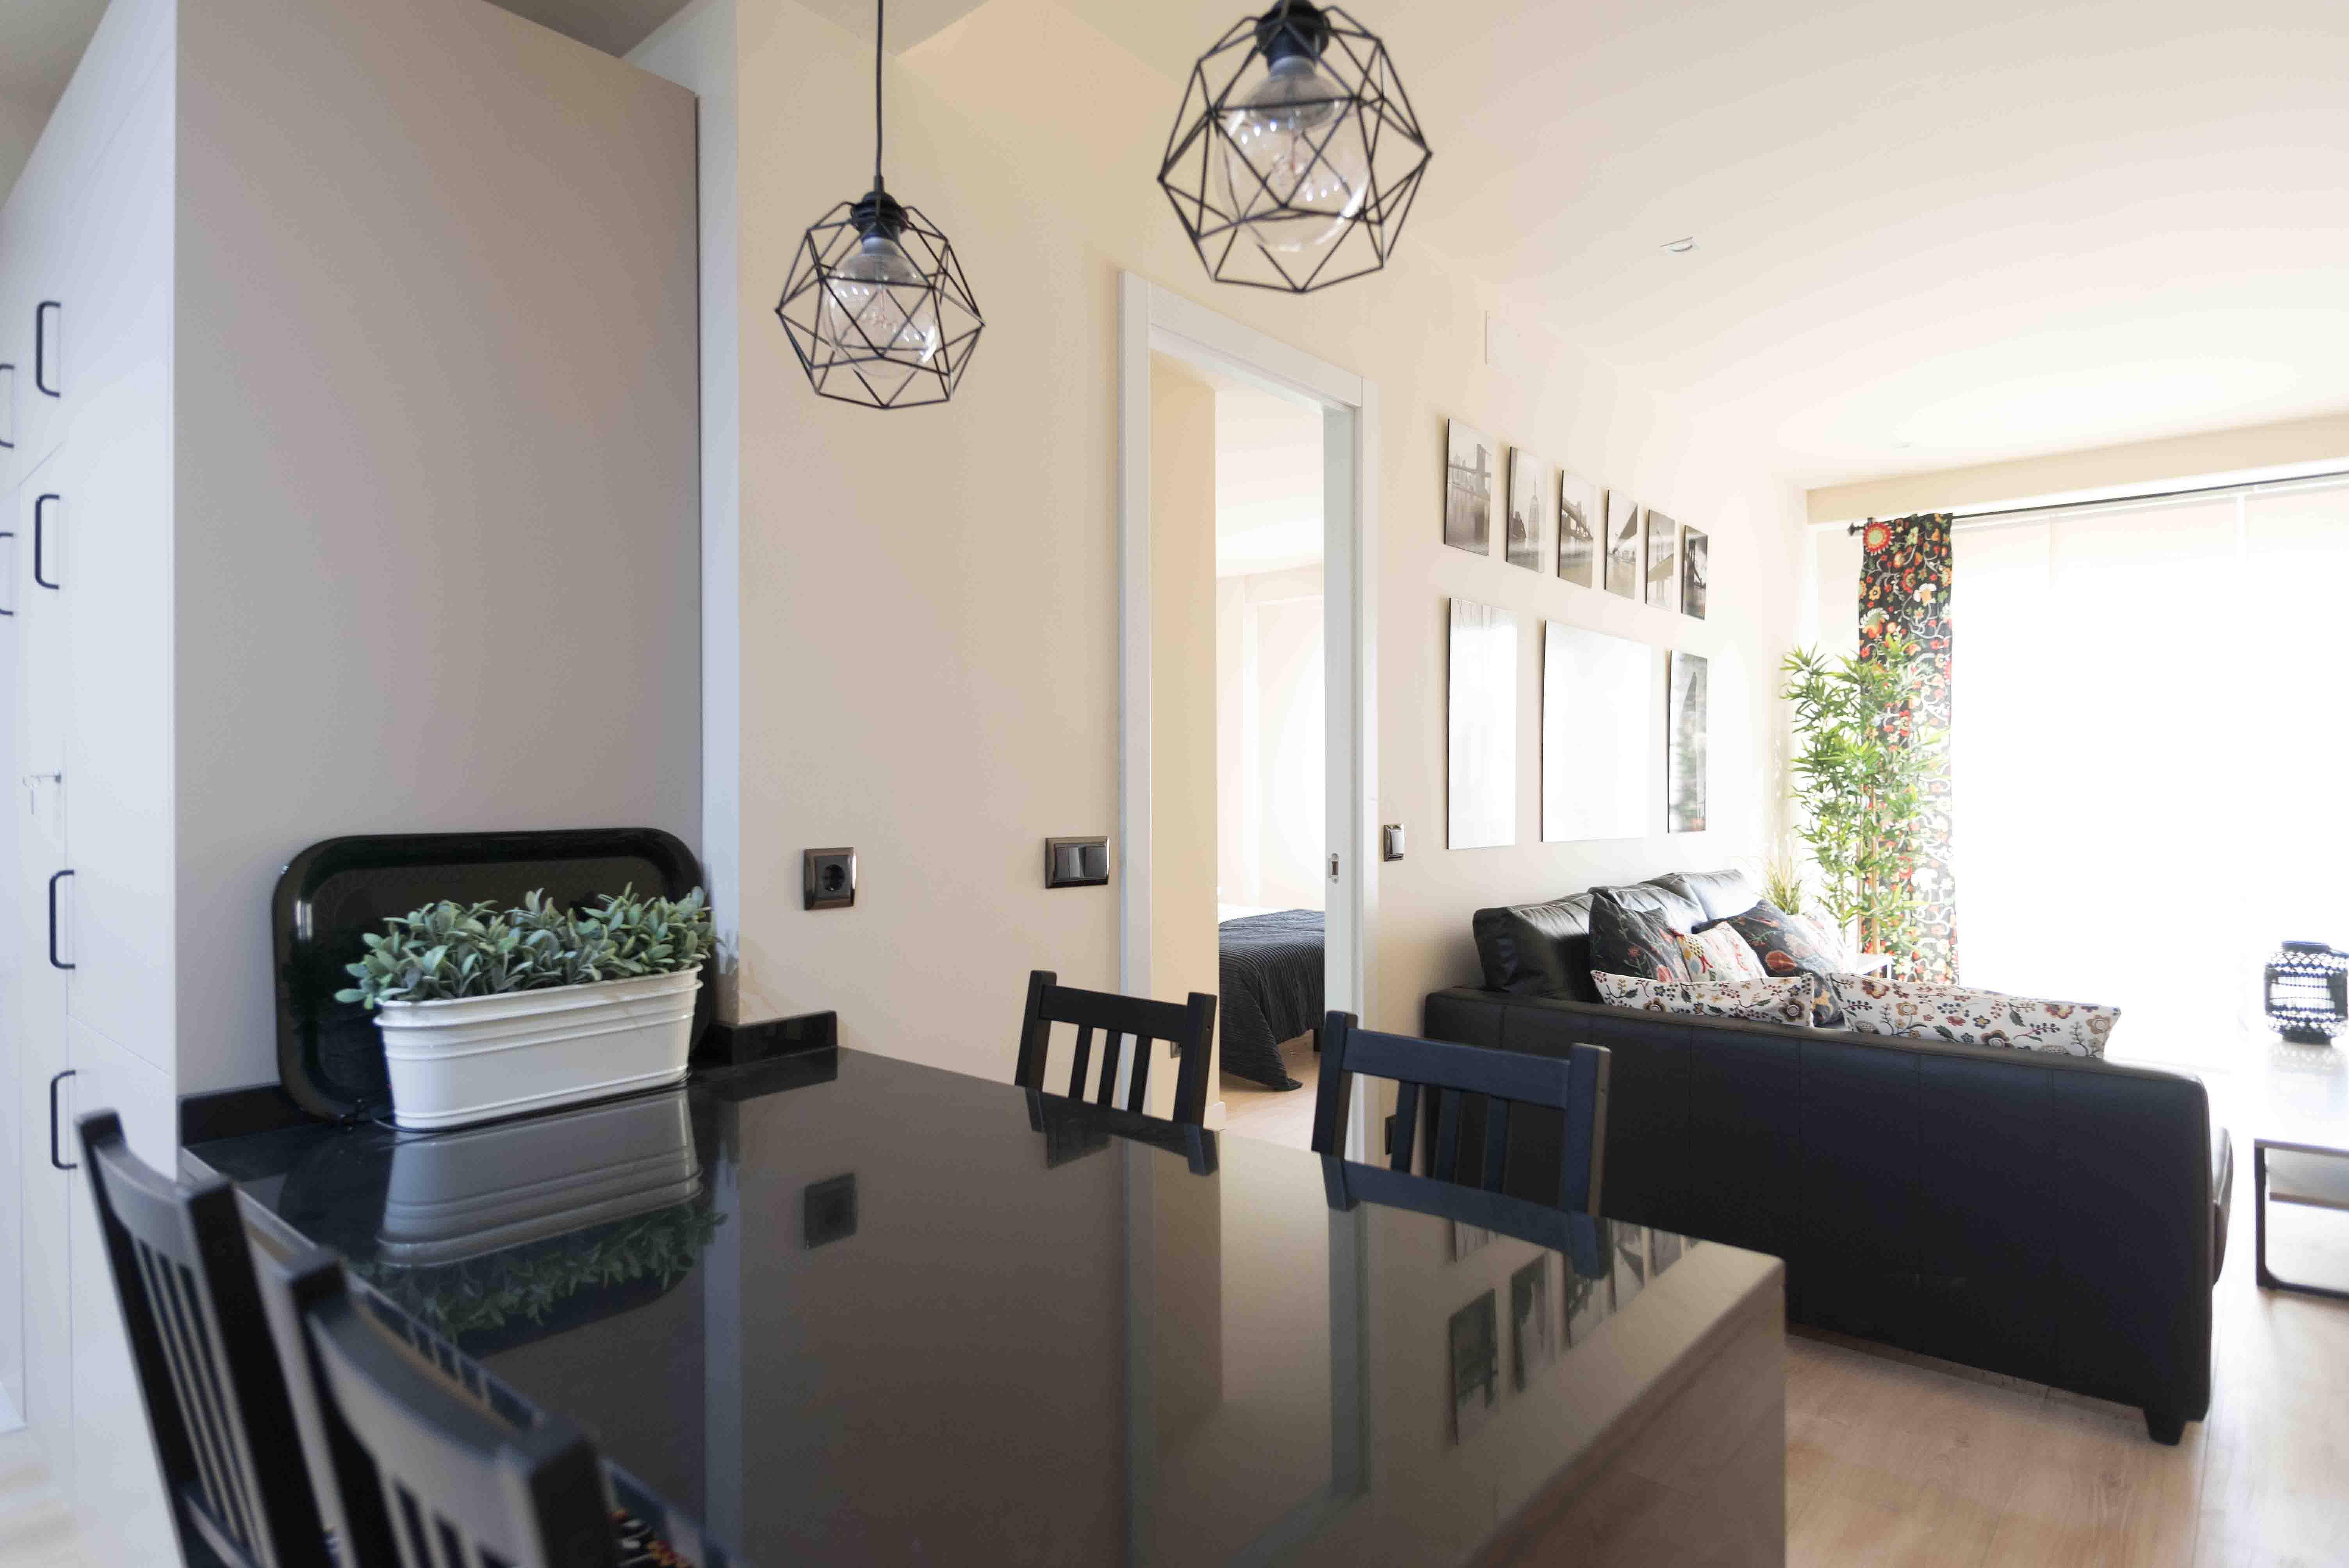 Apartamento en alquiler en madrid centro madrid madrid camino de santiago de madrid - Apartamentos de alquiler en madrid ...